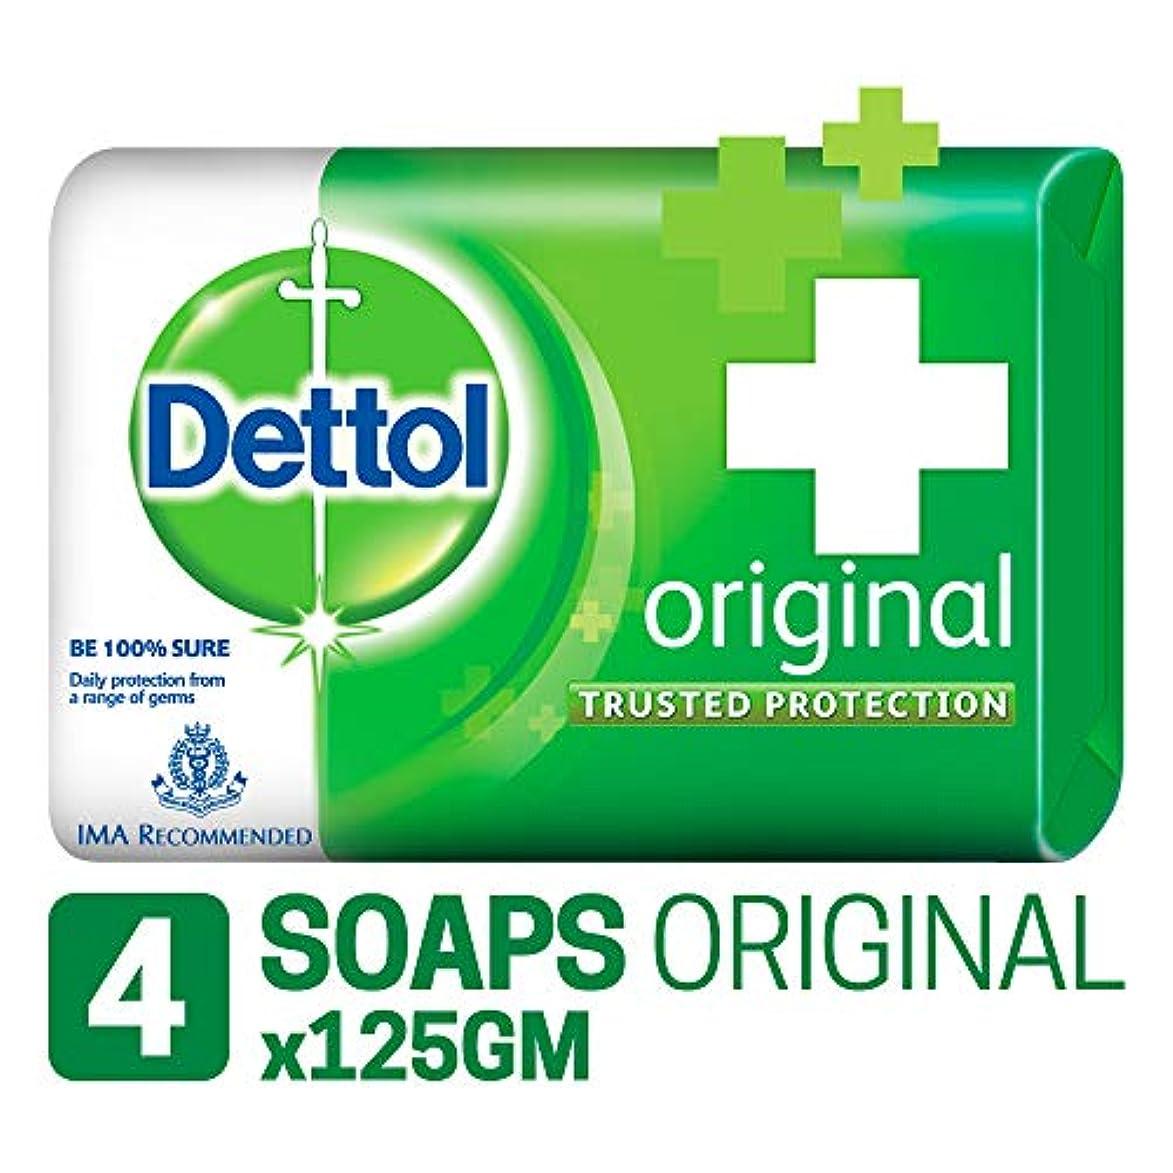 前奏曲個人的な夜の動物園Dettol Original Soap, 125g (Pack Of 4) SHIP FROM INDIA